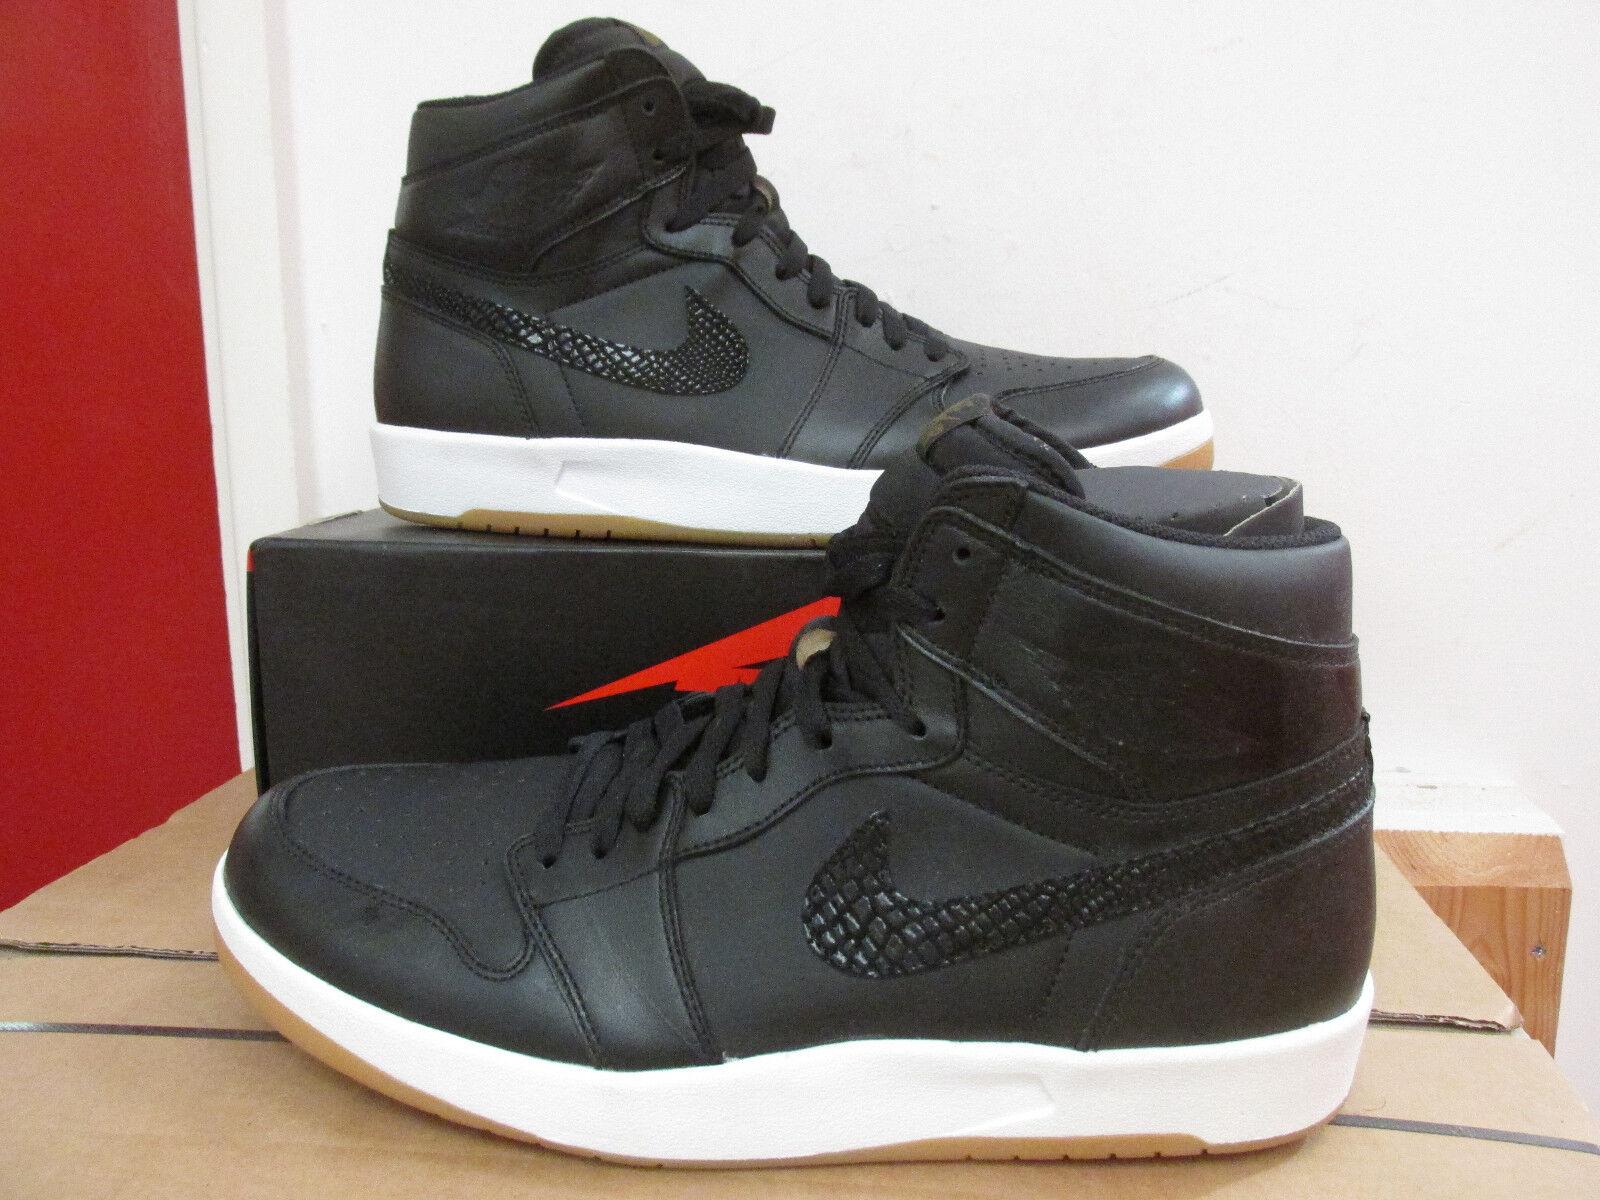 Nike Air Jordan 1 alta la devolución para Hombre 008 Hi Top tenis 768861 008 Hombre aclaramiento 6df84b